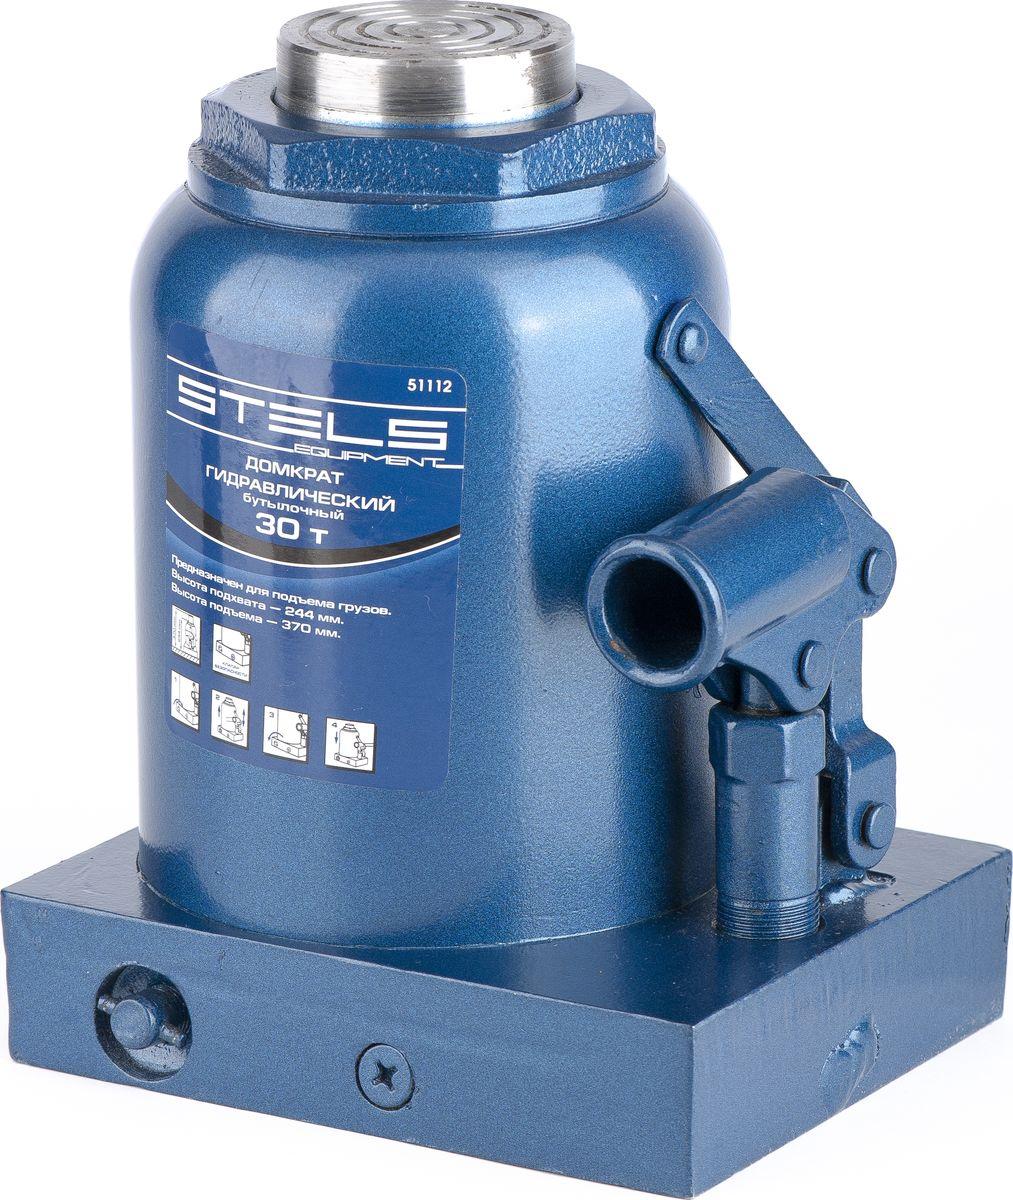 Домкрат гидравлический бутылочный Stels, 30 т, высота подъема 244–370 мм51112Гидравлический домкрат STELS с клапаном безопасности предназначен для подъема груза массой до 30 тонн. Домкрат является незаменимым инструментом в автосервисе, часто используется при проведении ремонтно-строительных работ. Минимальная высота подхвата домкрата STELS составляет 24,4 см. Максимальная высота, на которую домкрат может поднять груз, составляет 37 см. Этой высоты достаточно для установки жесткой опоры под поднятый груз и проведения ремонтных работ. Клапан безопасности предотвращает подъем груза, масса которого превышает массу заявленную производителем. Также домкрат оснащен магнитным собирателем, исключающим наличие стружки в масле цилиндра, что значительно сокращает риск поломки домкрата. Основание сделано из стали. ВНИМАНИЕ! Домкрат не предназначен для длительного поддерживания груза на весу либо для его перемещения. Перед подъемом убедитесь, что груз распределен равномерно по центру опорной поверхности домкрата. Масса поднимаемого груза не должна превышать массу,...